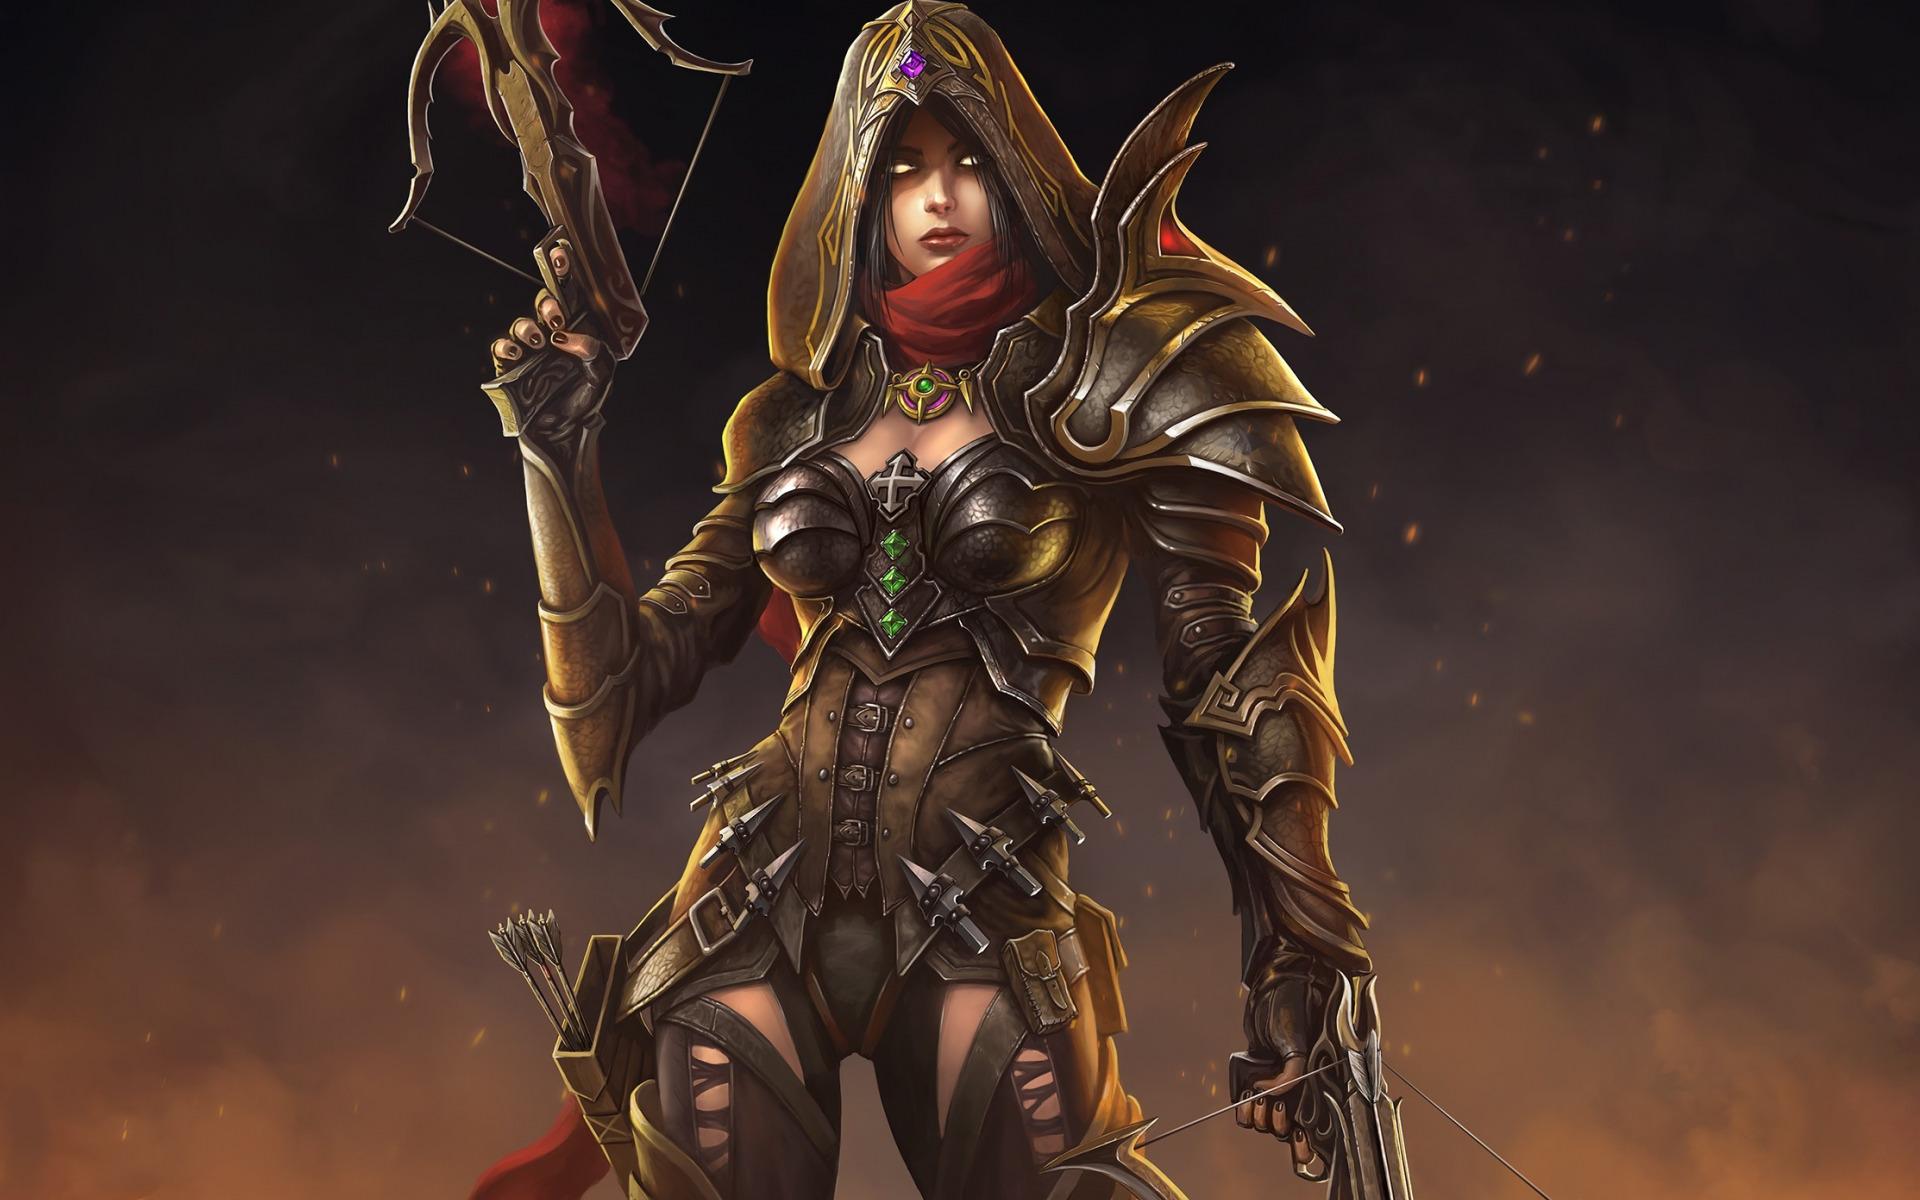 Demon Hunter Diablo 3  № 1892469 бесплатно